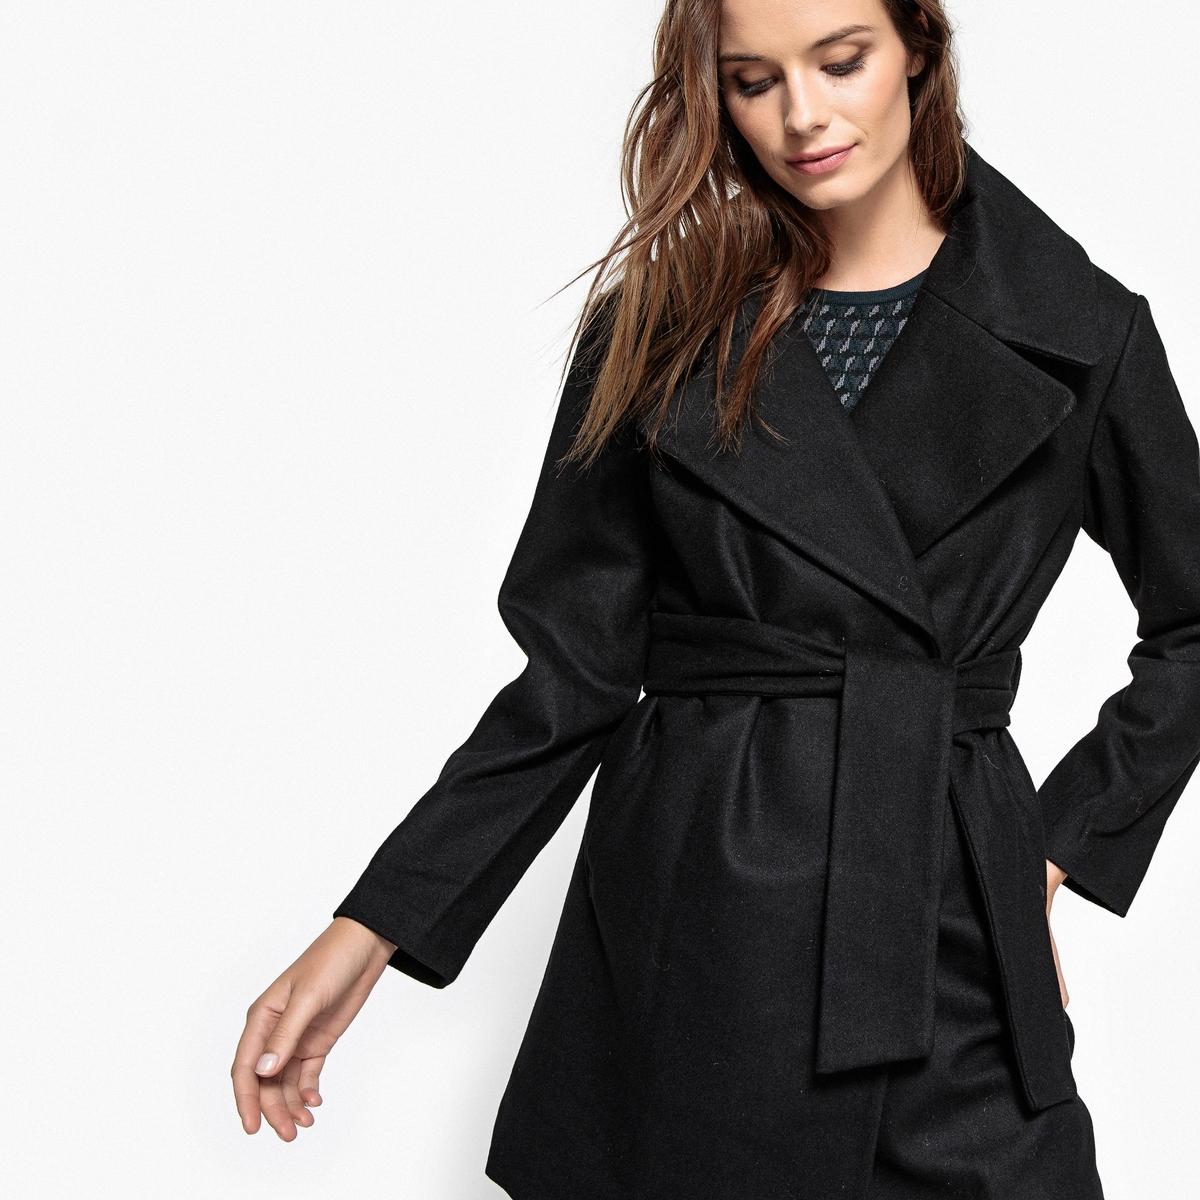 Пальто с ремешком из шерстяного драпа Banjo пальто из шерстяного драпа 70